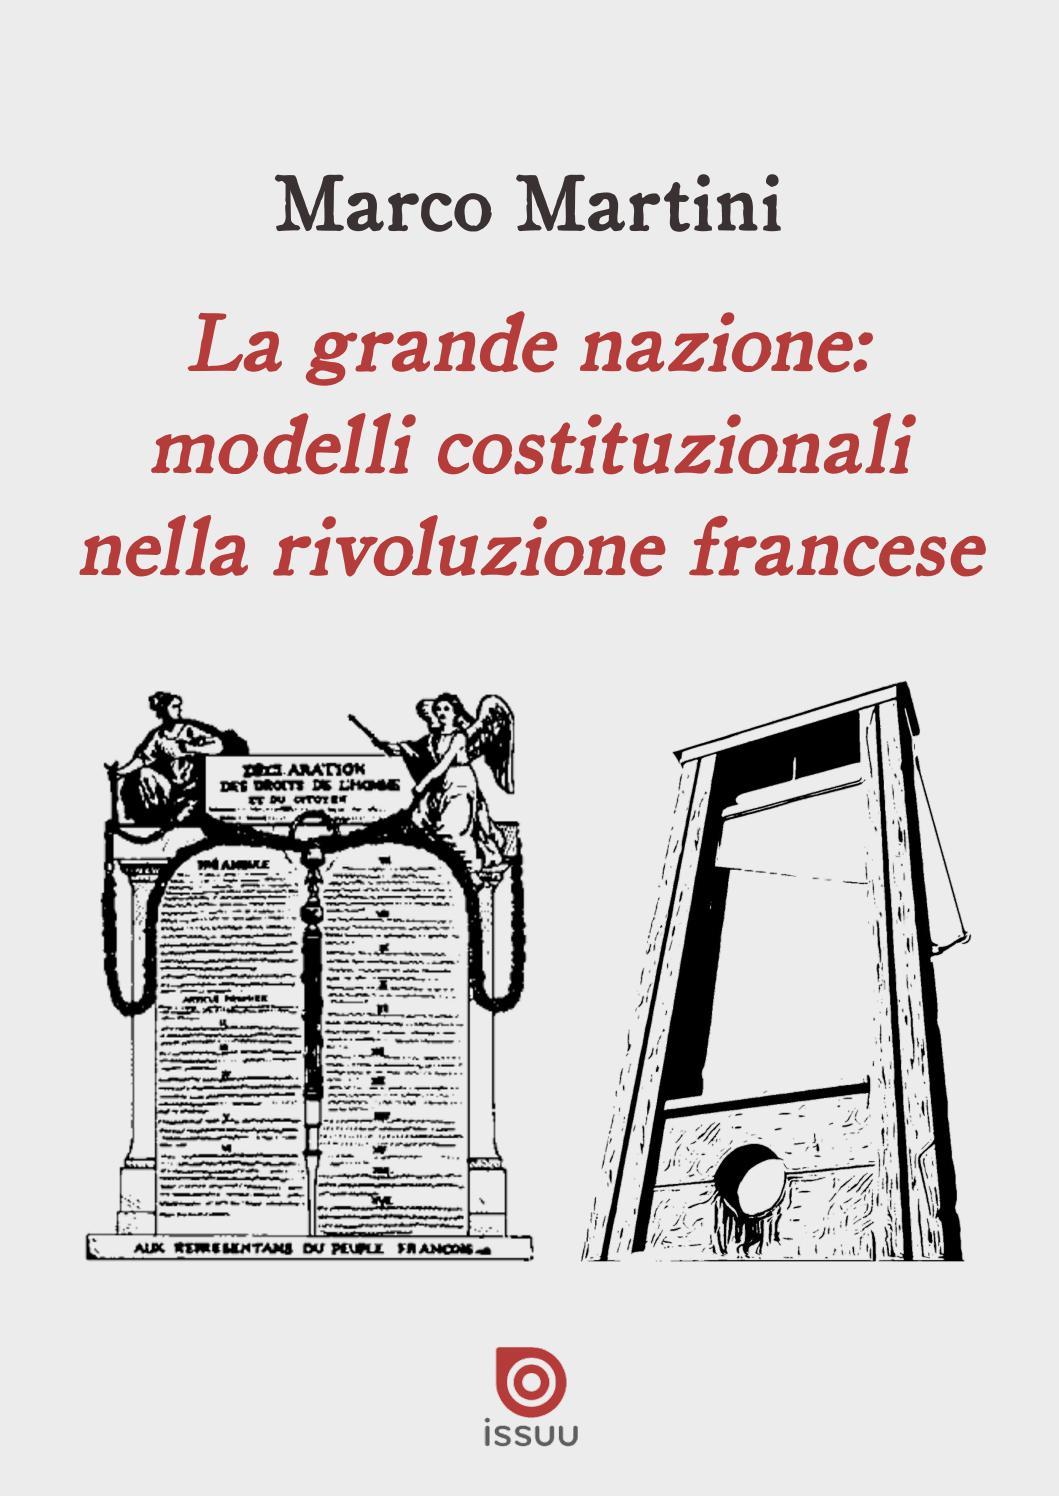 Terzo Mese Del Calendario Rivoluzionario Francese.La Grande Nazione Modelli Costituzionali Nella Rivoluzione